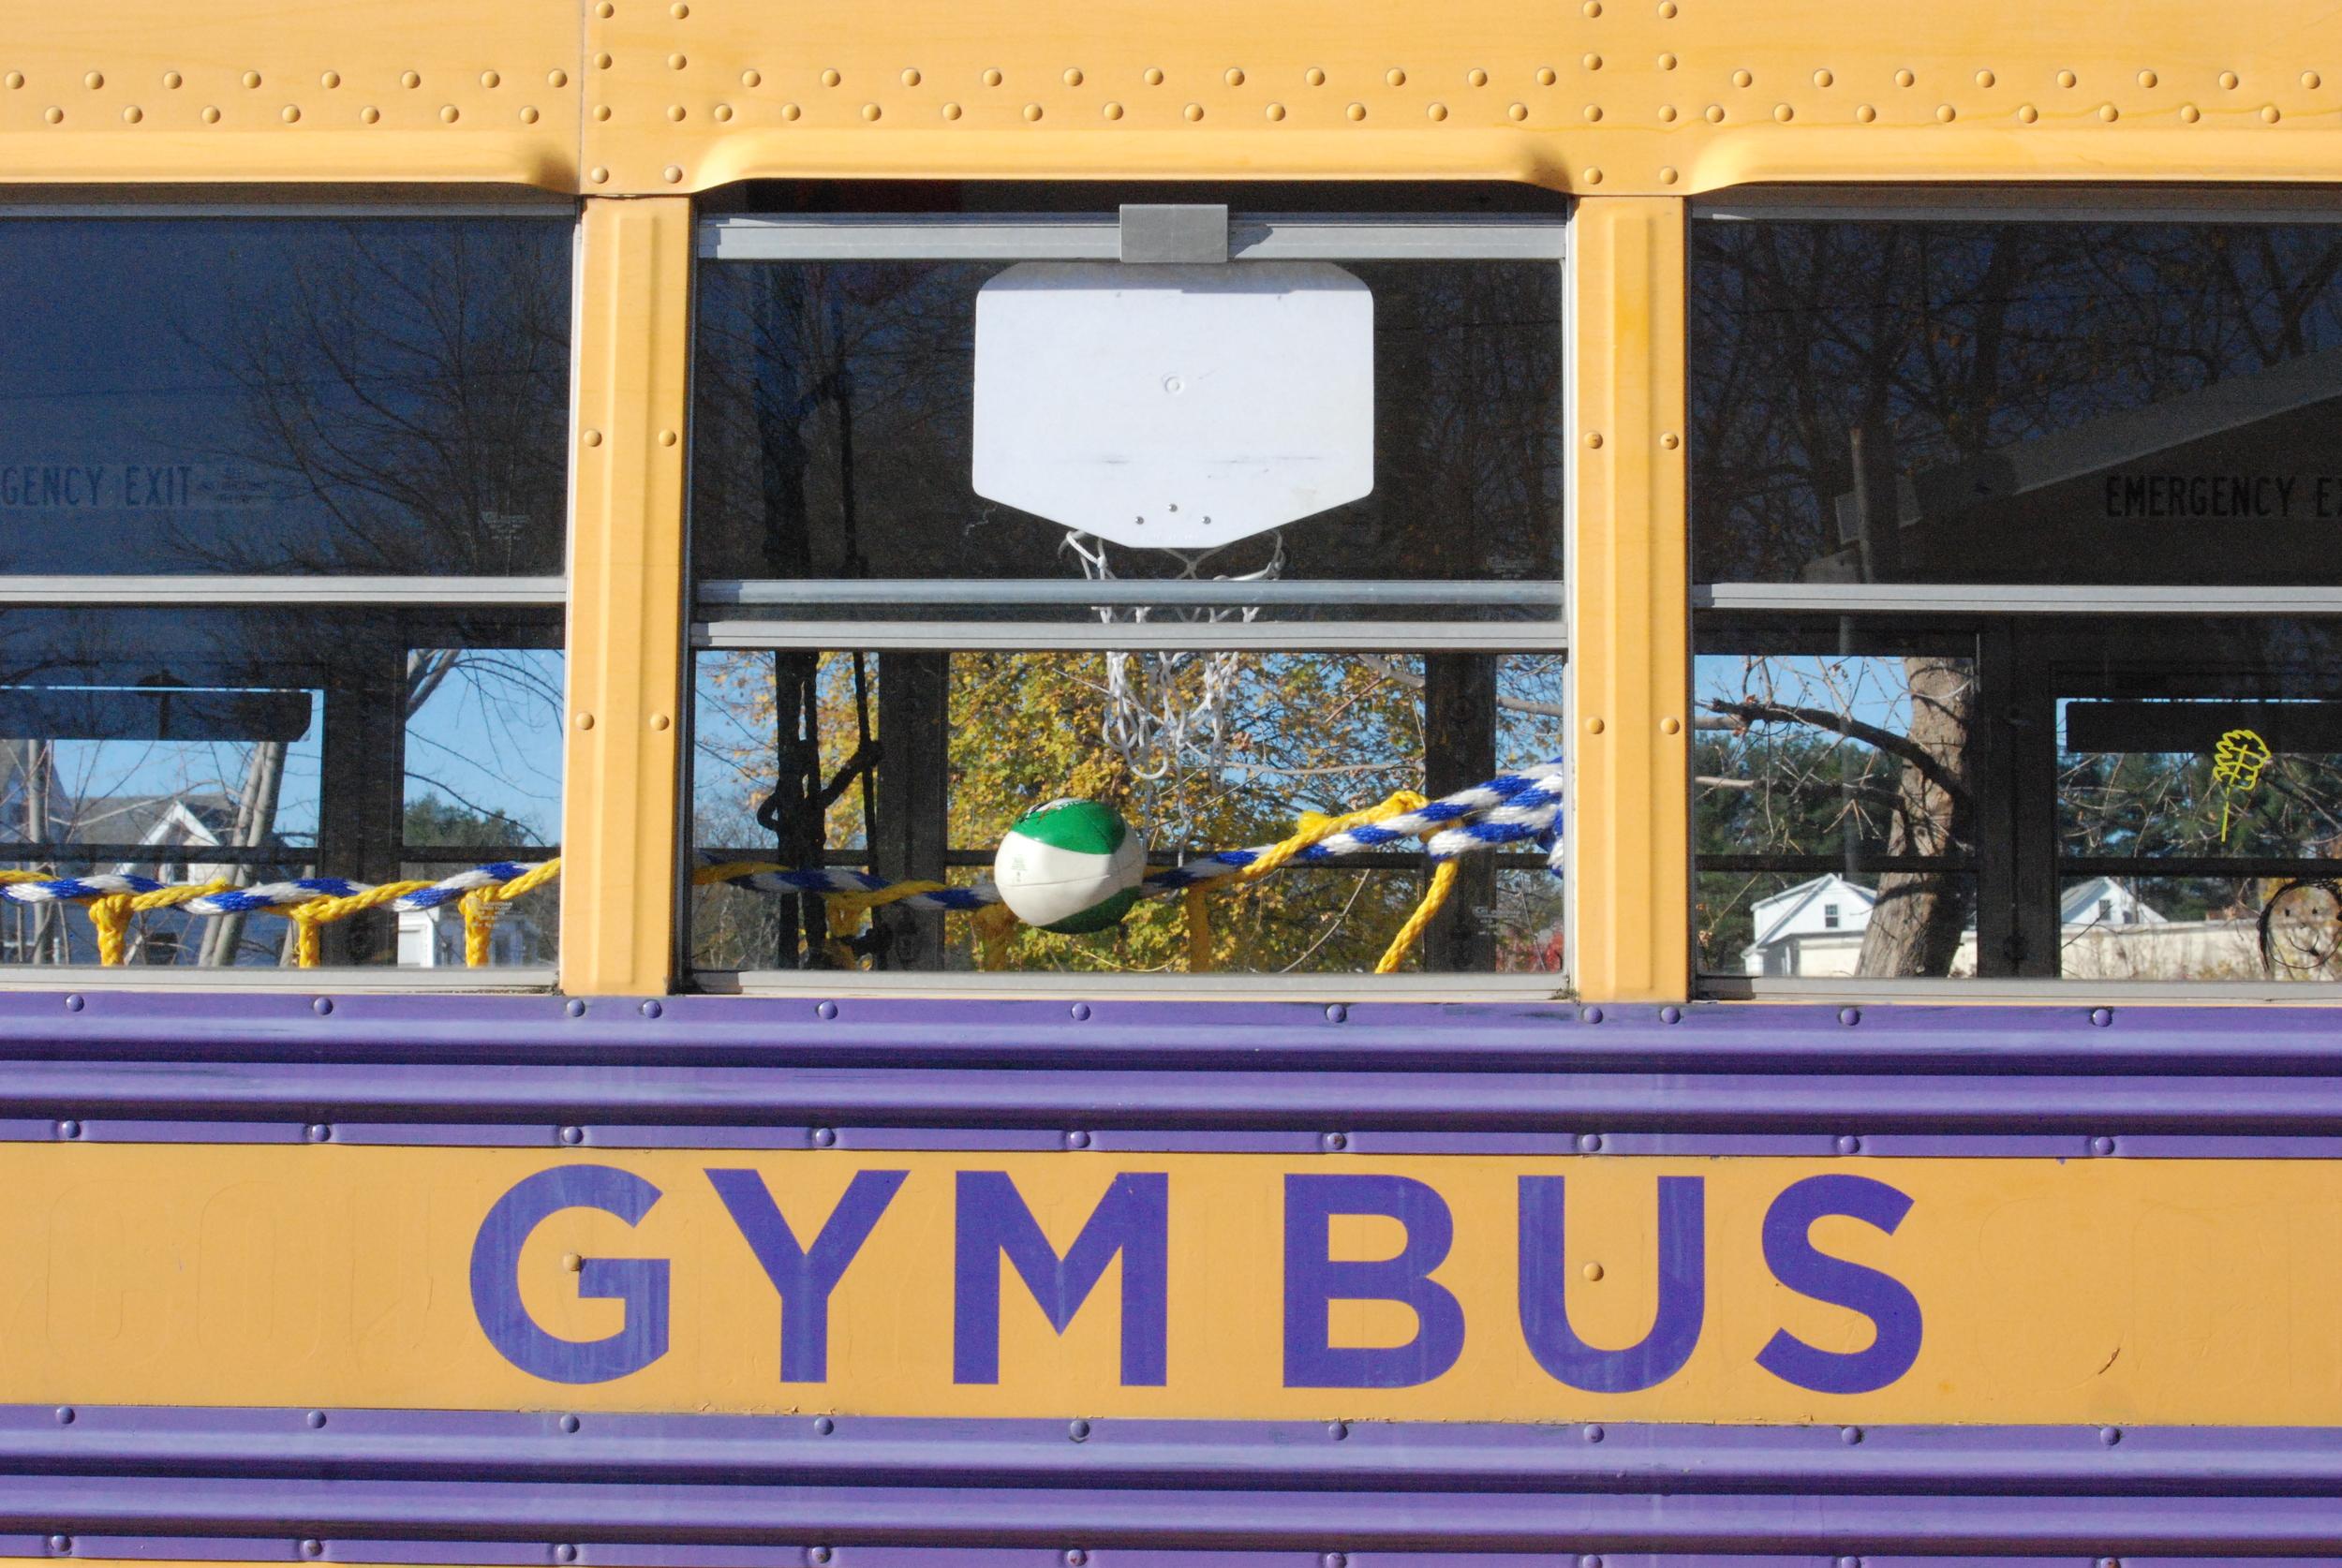 Yay, Gym Bus!